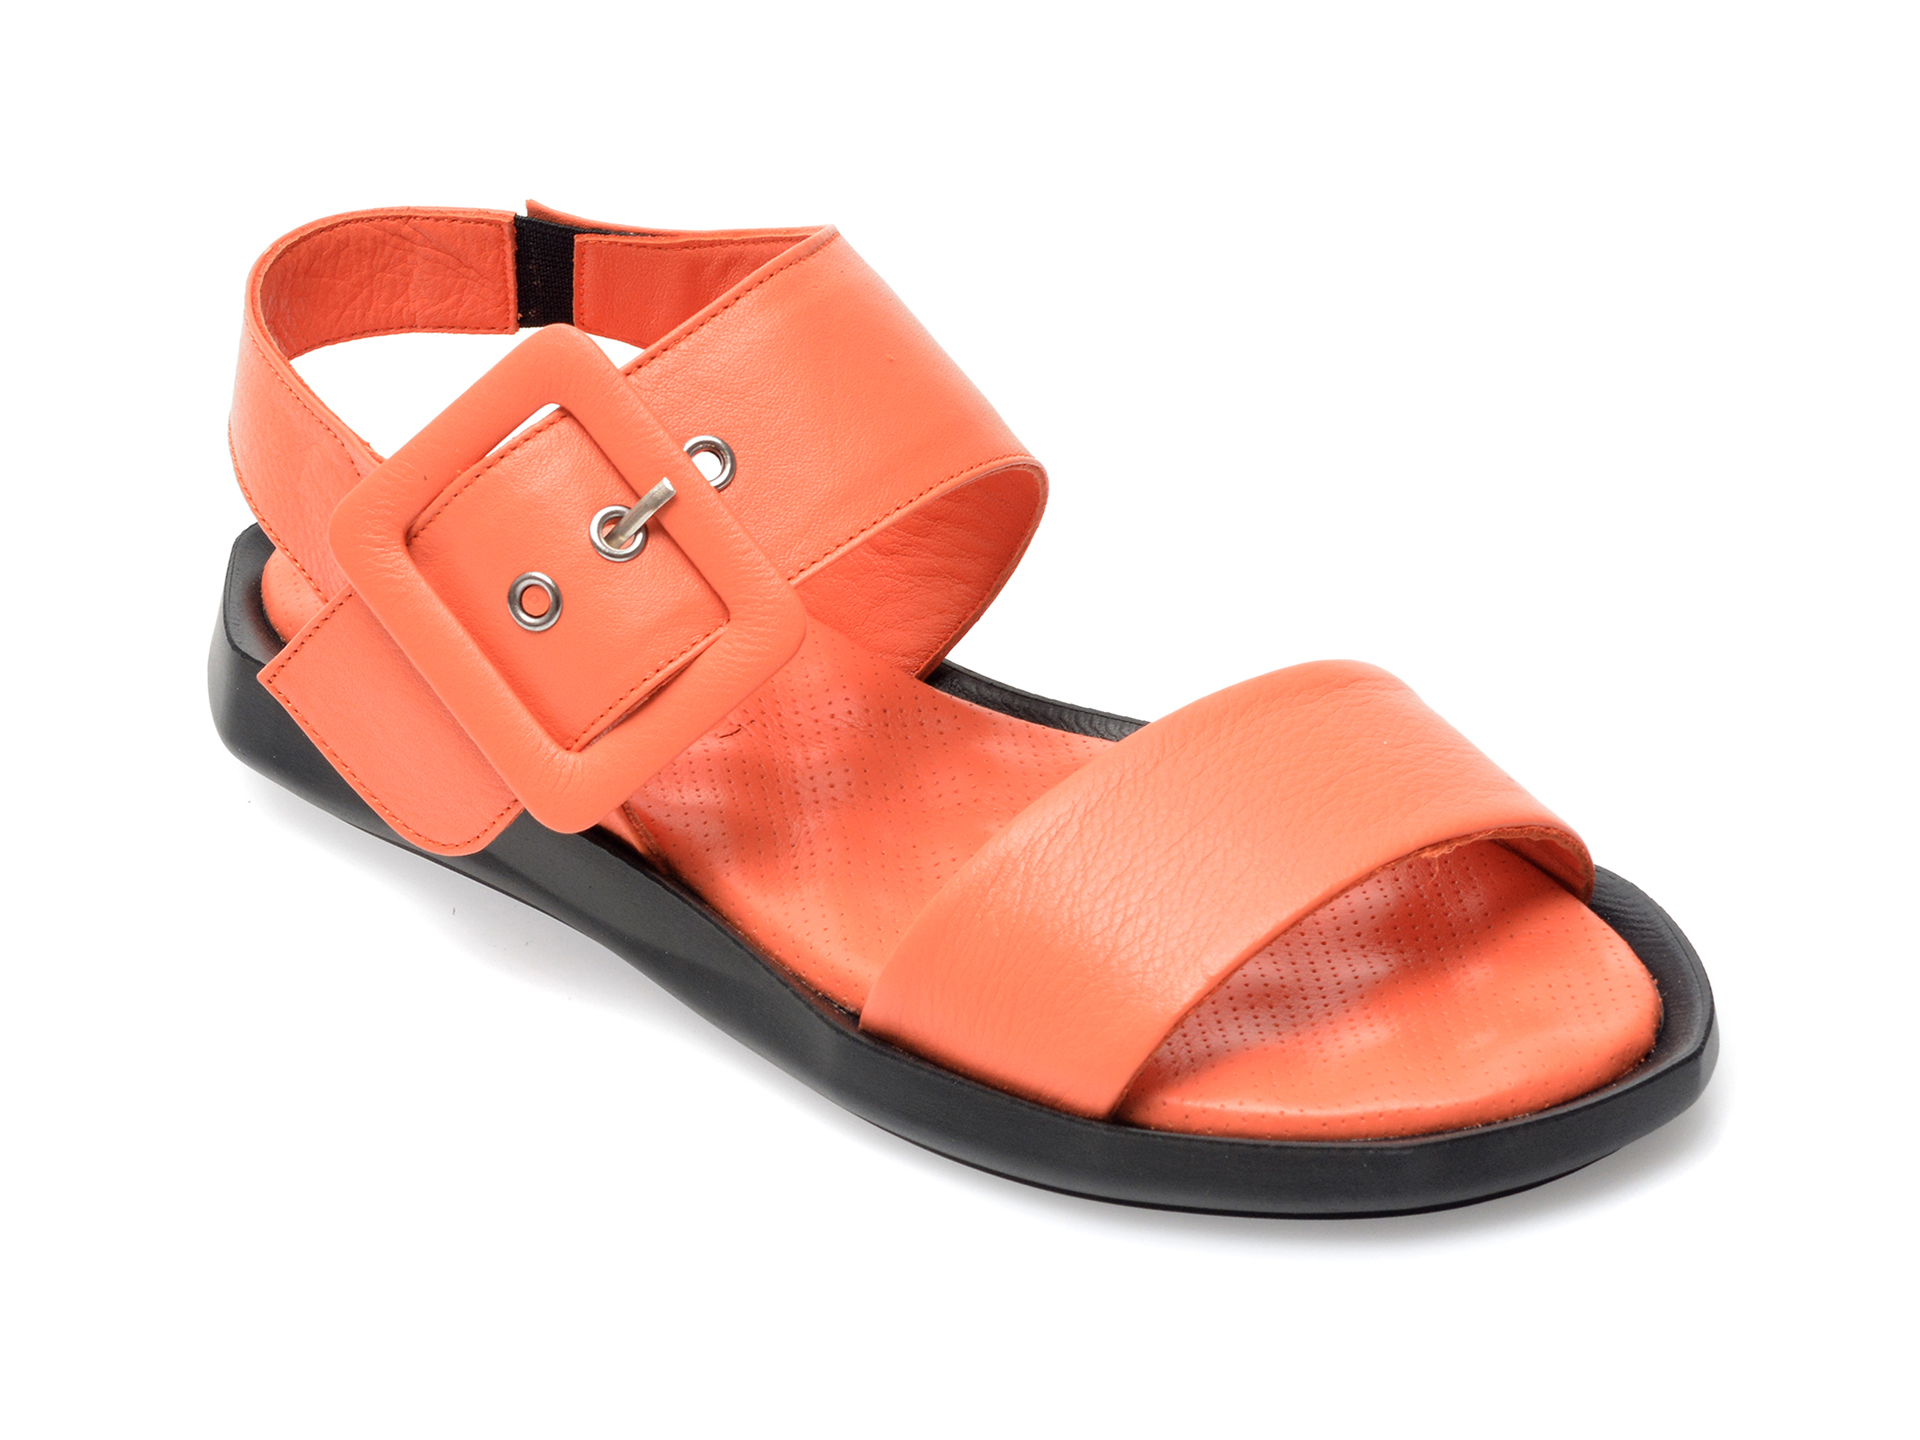 Sandale FLAVIA PASSINI portocalii, 6546, din piele naturala imagine otter.ro 2021